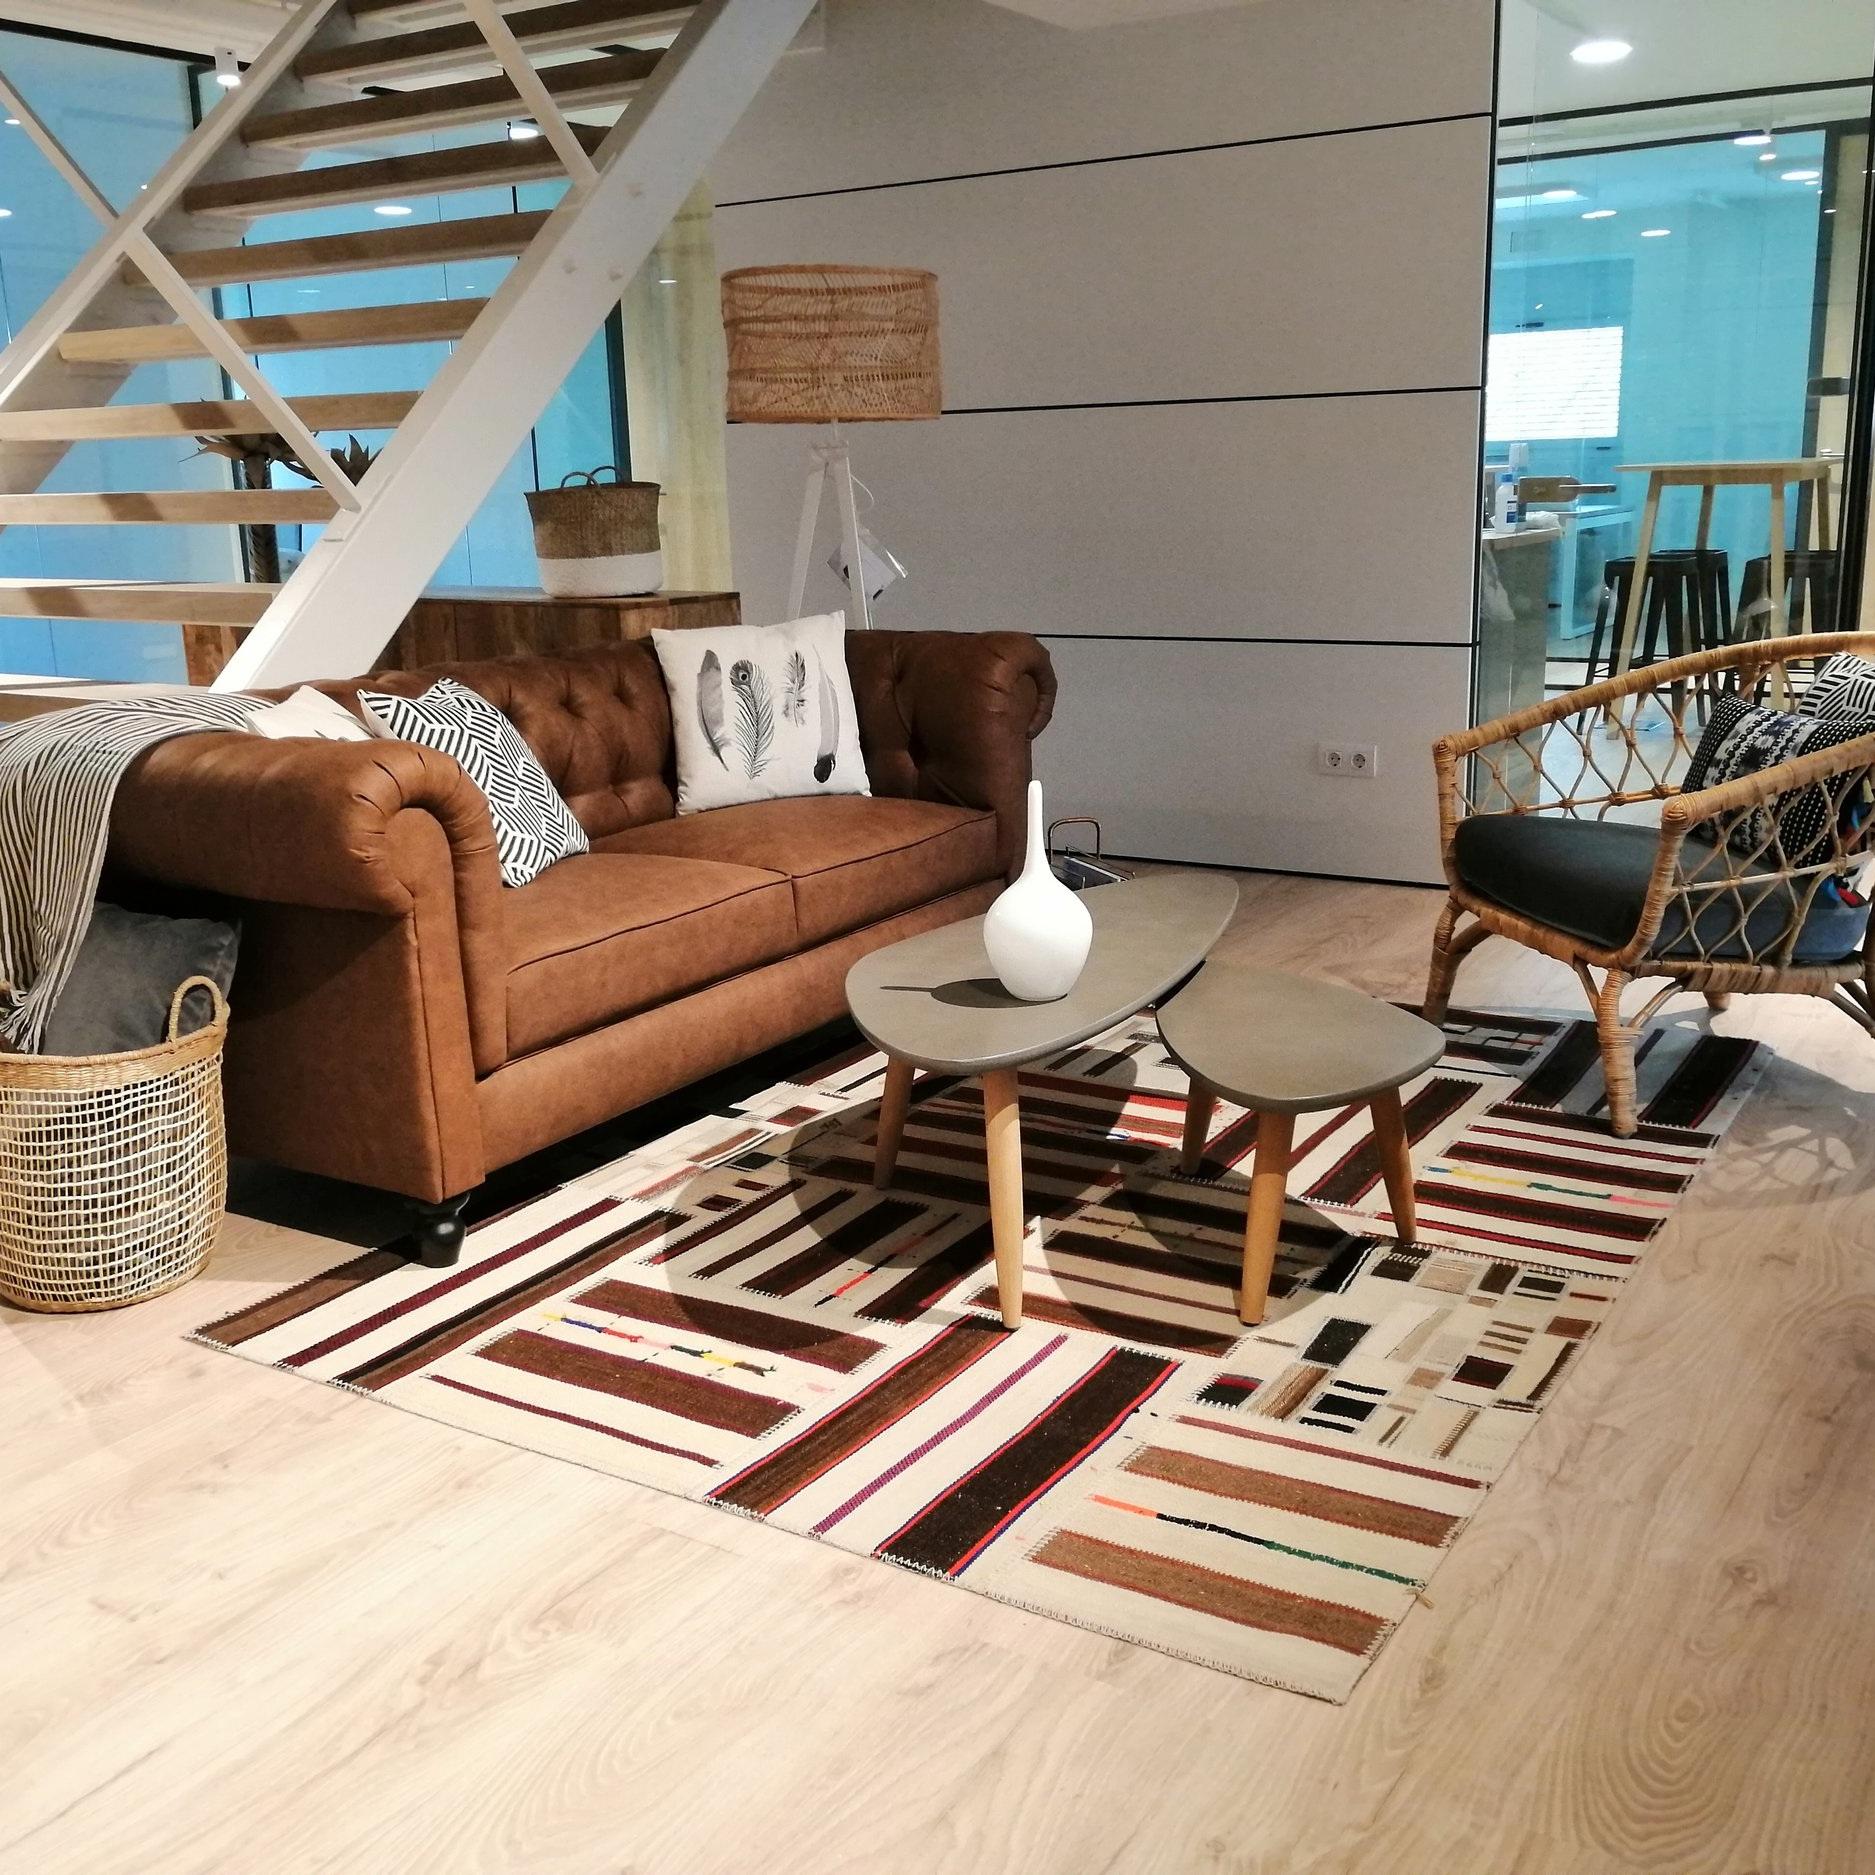 Espacio de lectura y descanso - Tanto en Business Space como en Lounge Space puedes descansar en nuestros sofás y disfrutar de un agradable rato de charla o lectura en un ambiente acogedor.Ver galería >